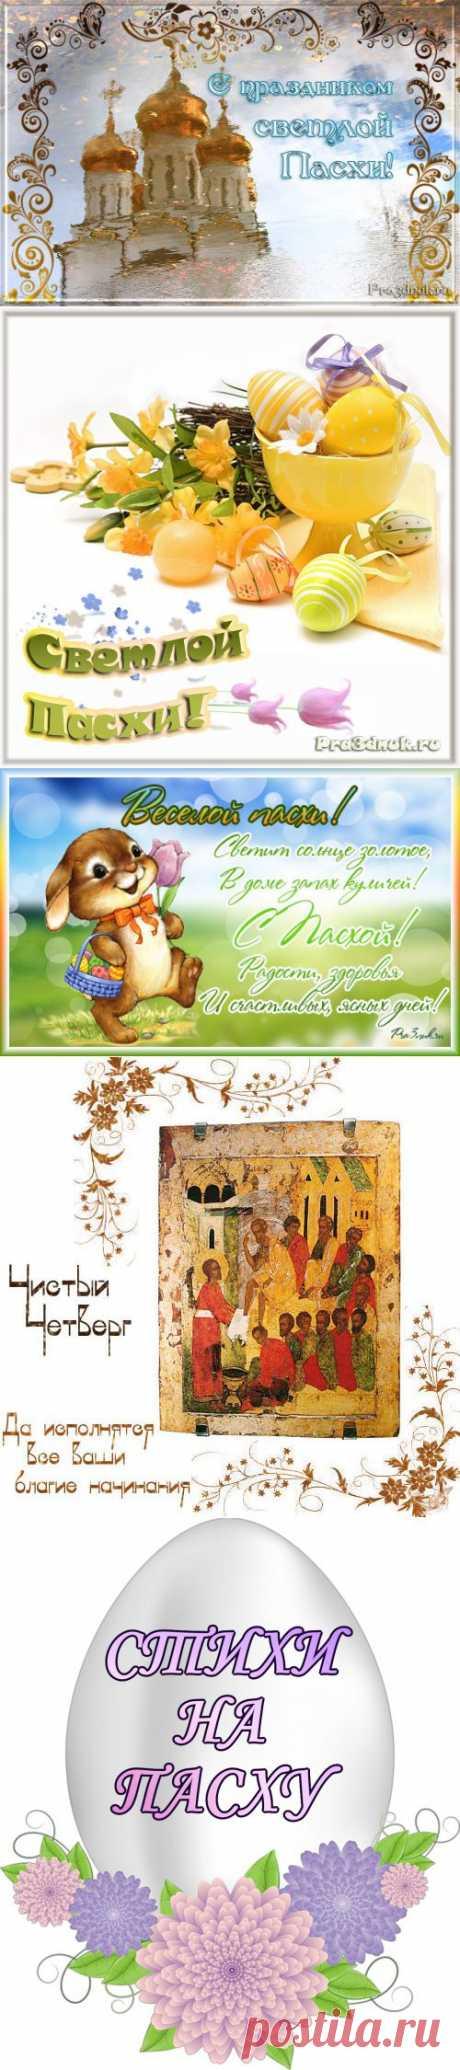 Пасха - Праздник сегодня, Стихи и поздравления - Открытки - pra3dnuk.ru